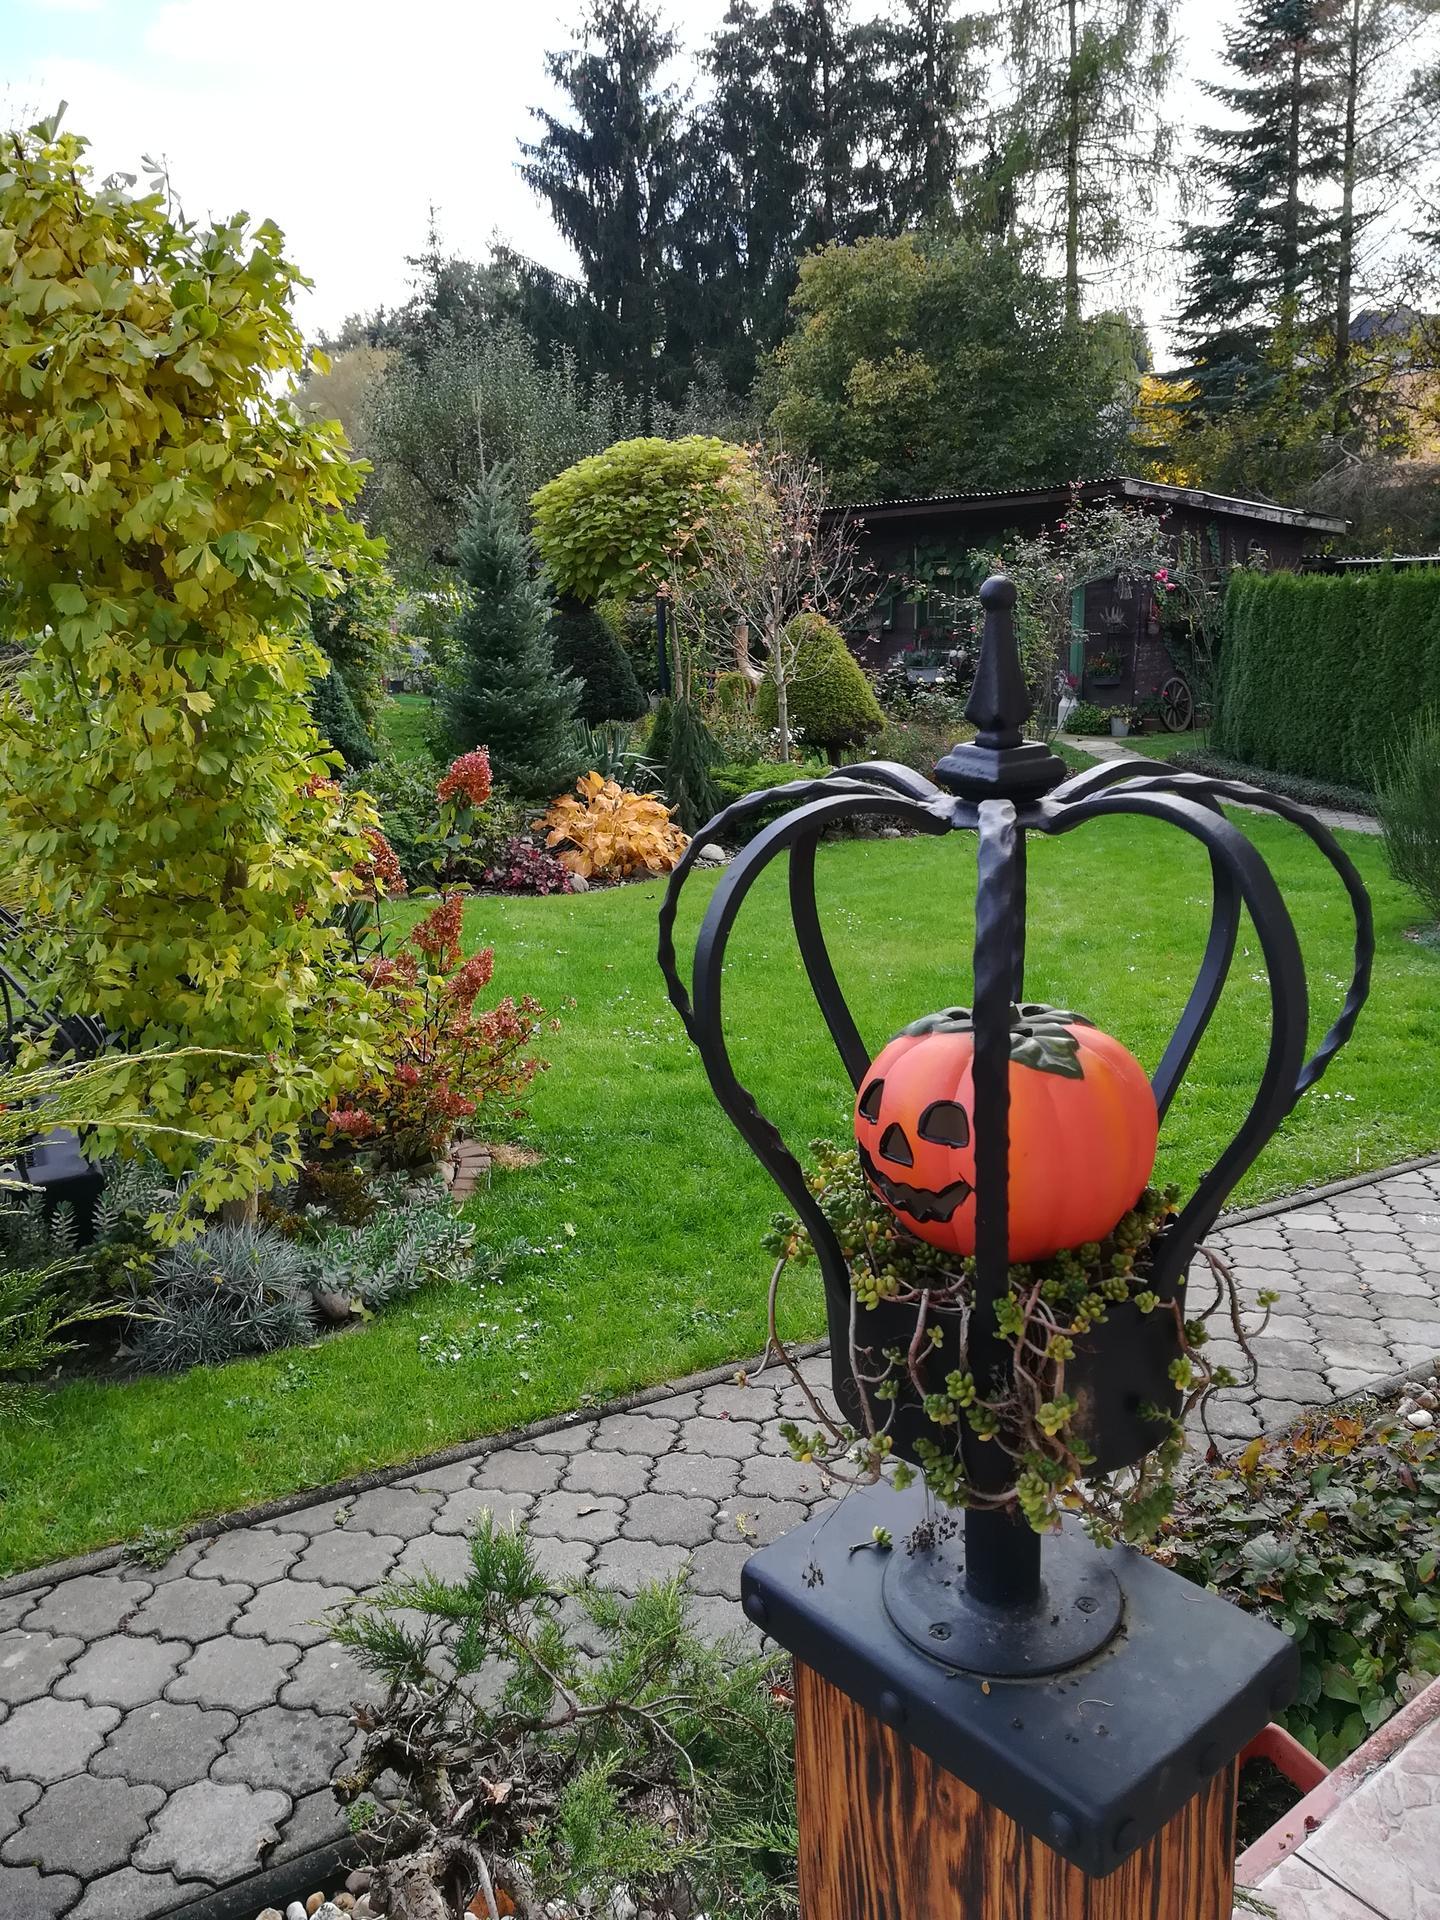 Pozdrav zo záhrady. - Obrázok č. 218